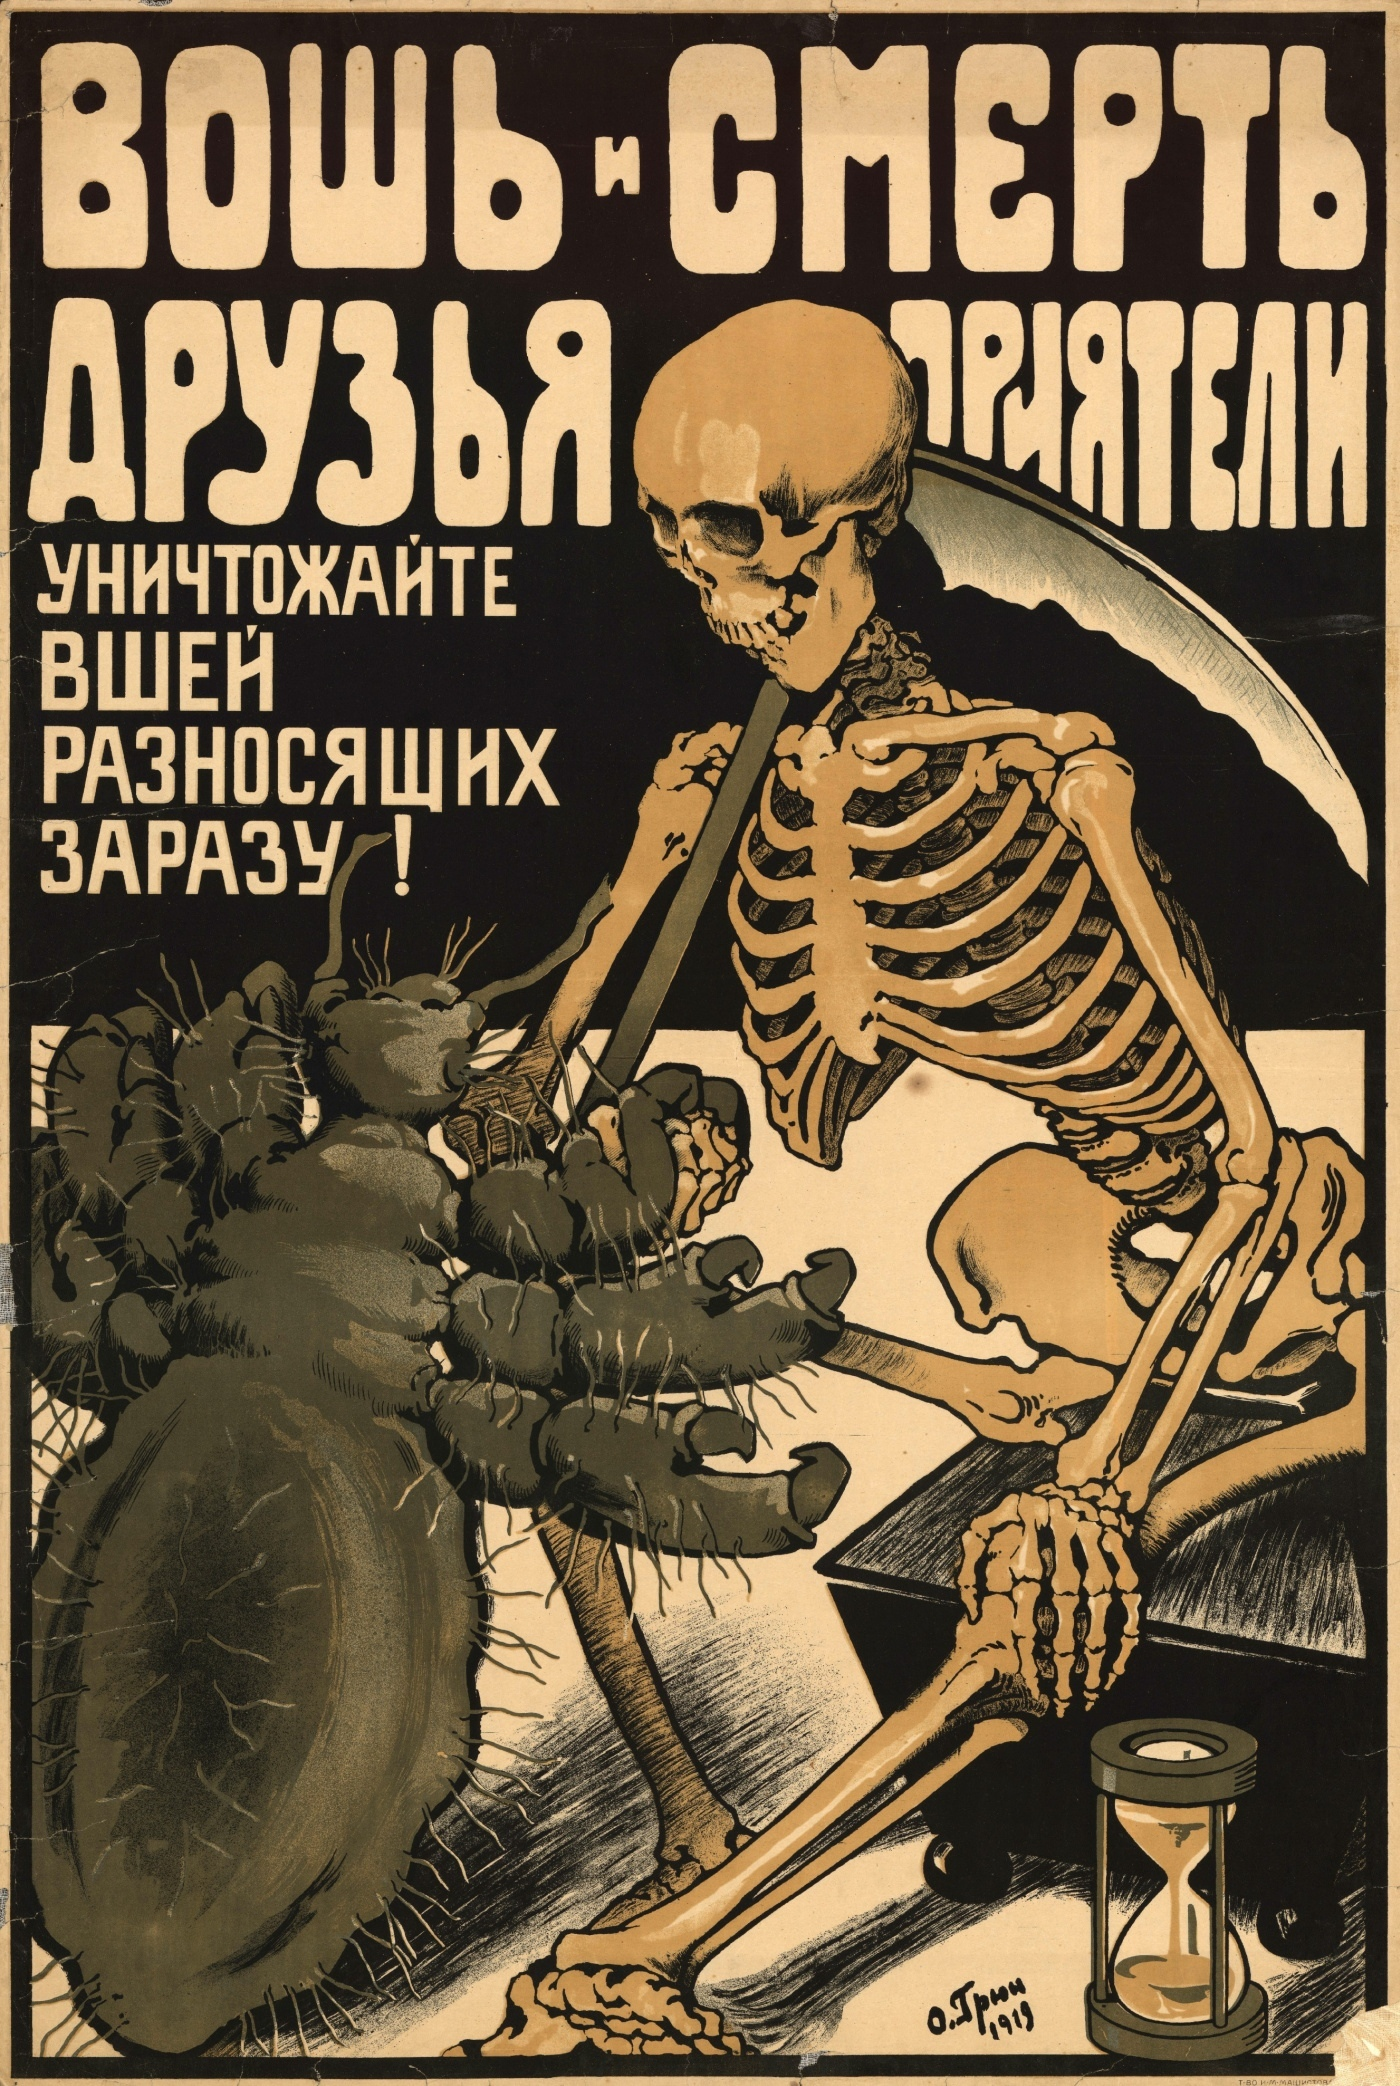 Плакат 1919 г.